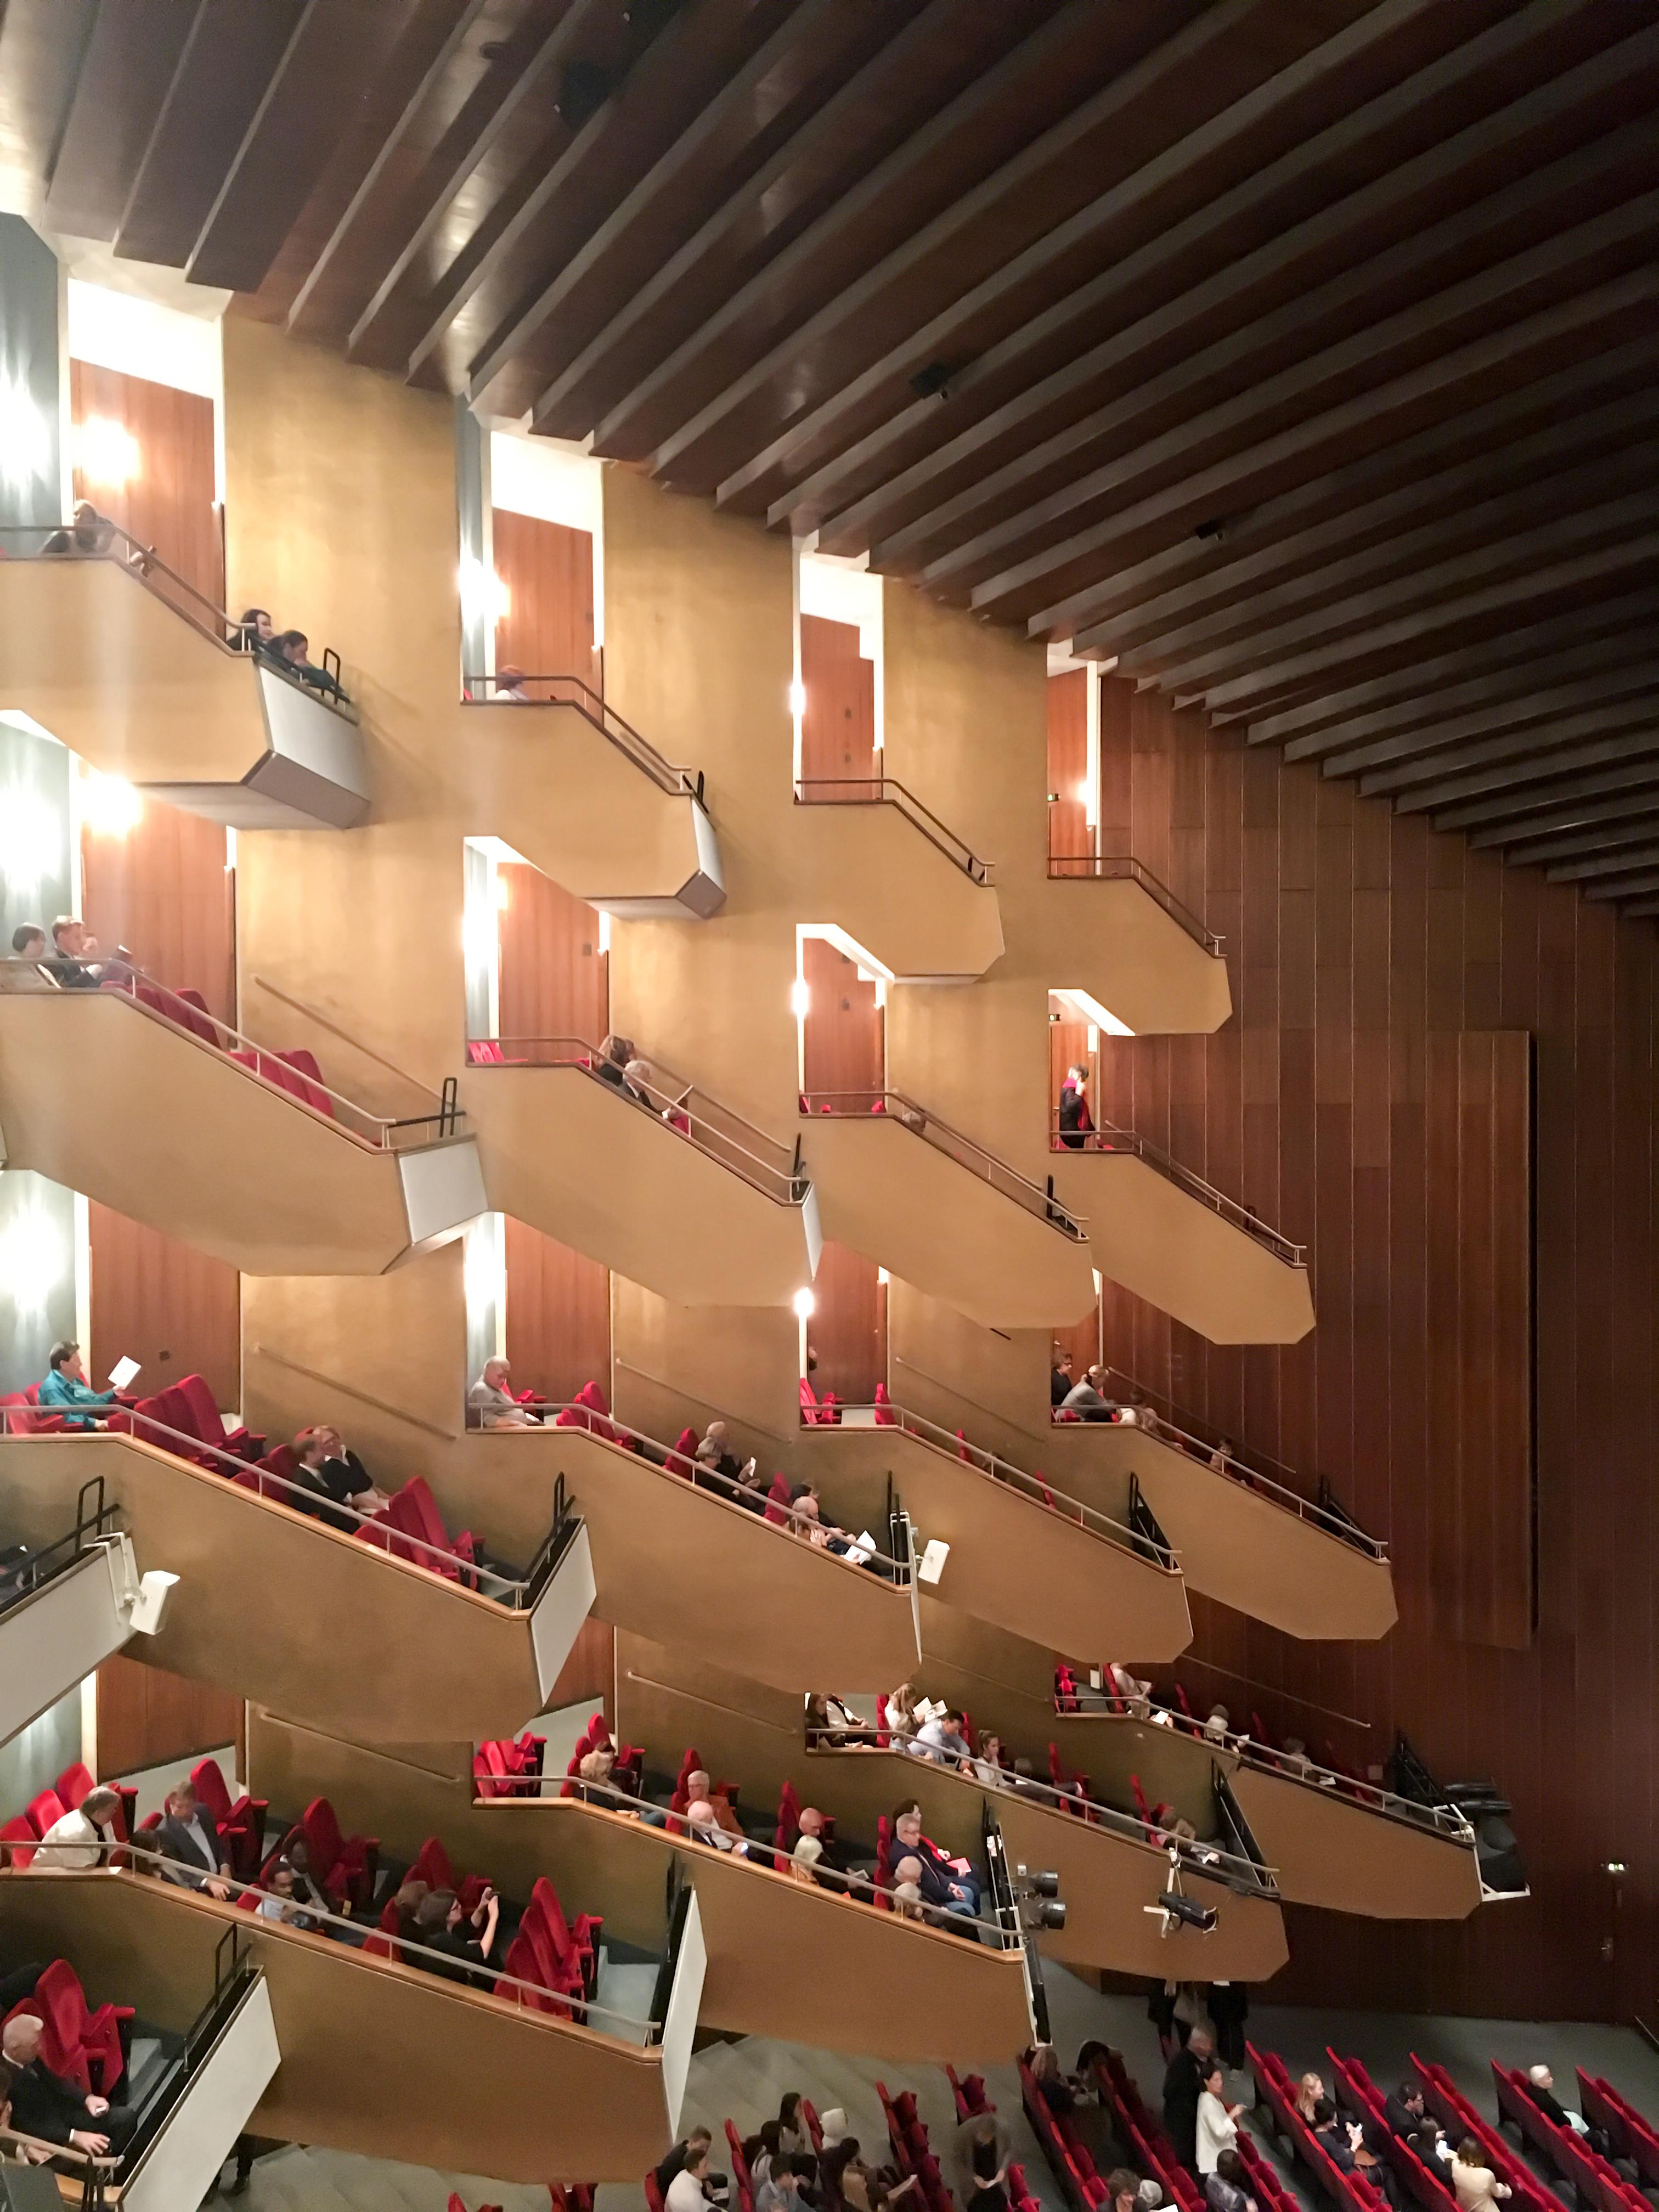 Wir waren in der Oper und haben die Zauberflöte gesehen. Wunderbare Musik, schreckliche Inszenierung.